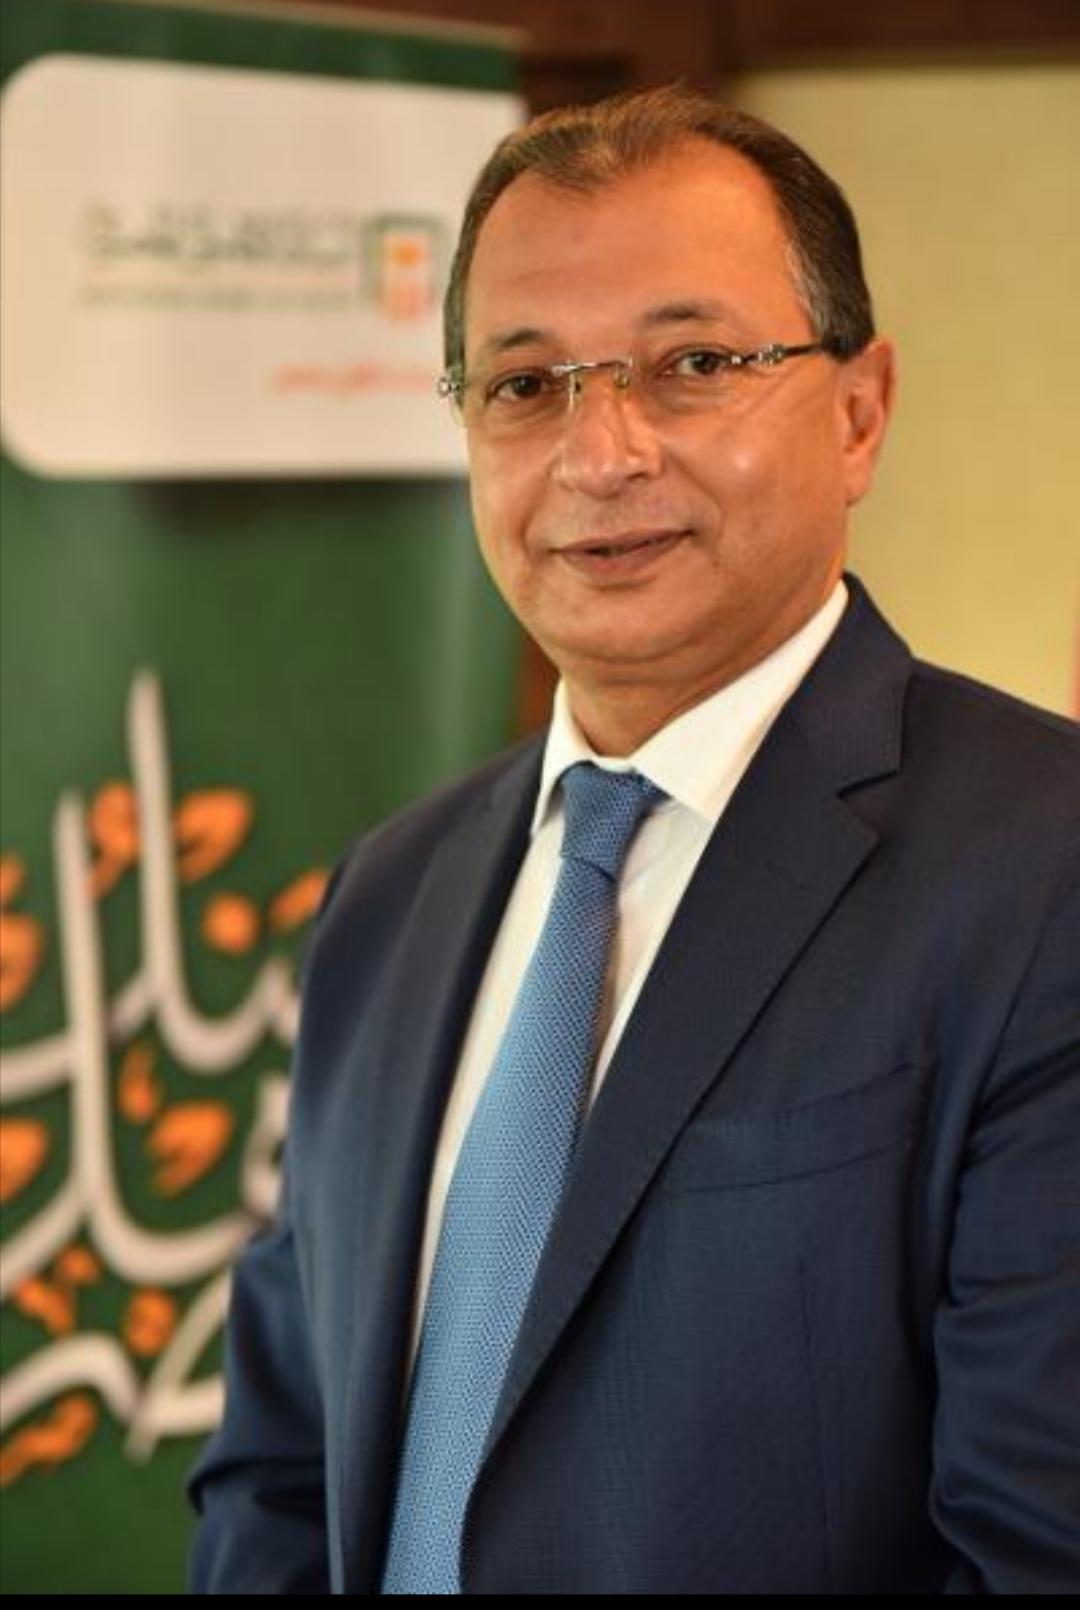 البنك الاهلي المصري يطرح منتجا جديدا تحت مسمى